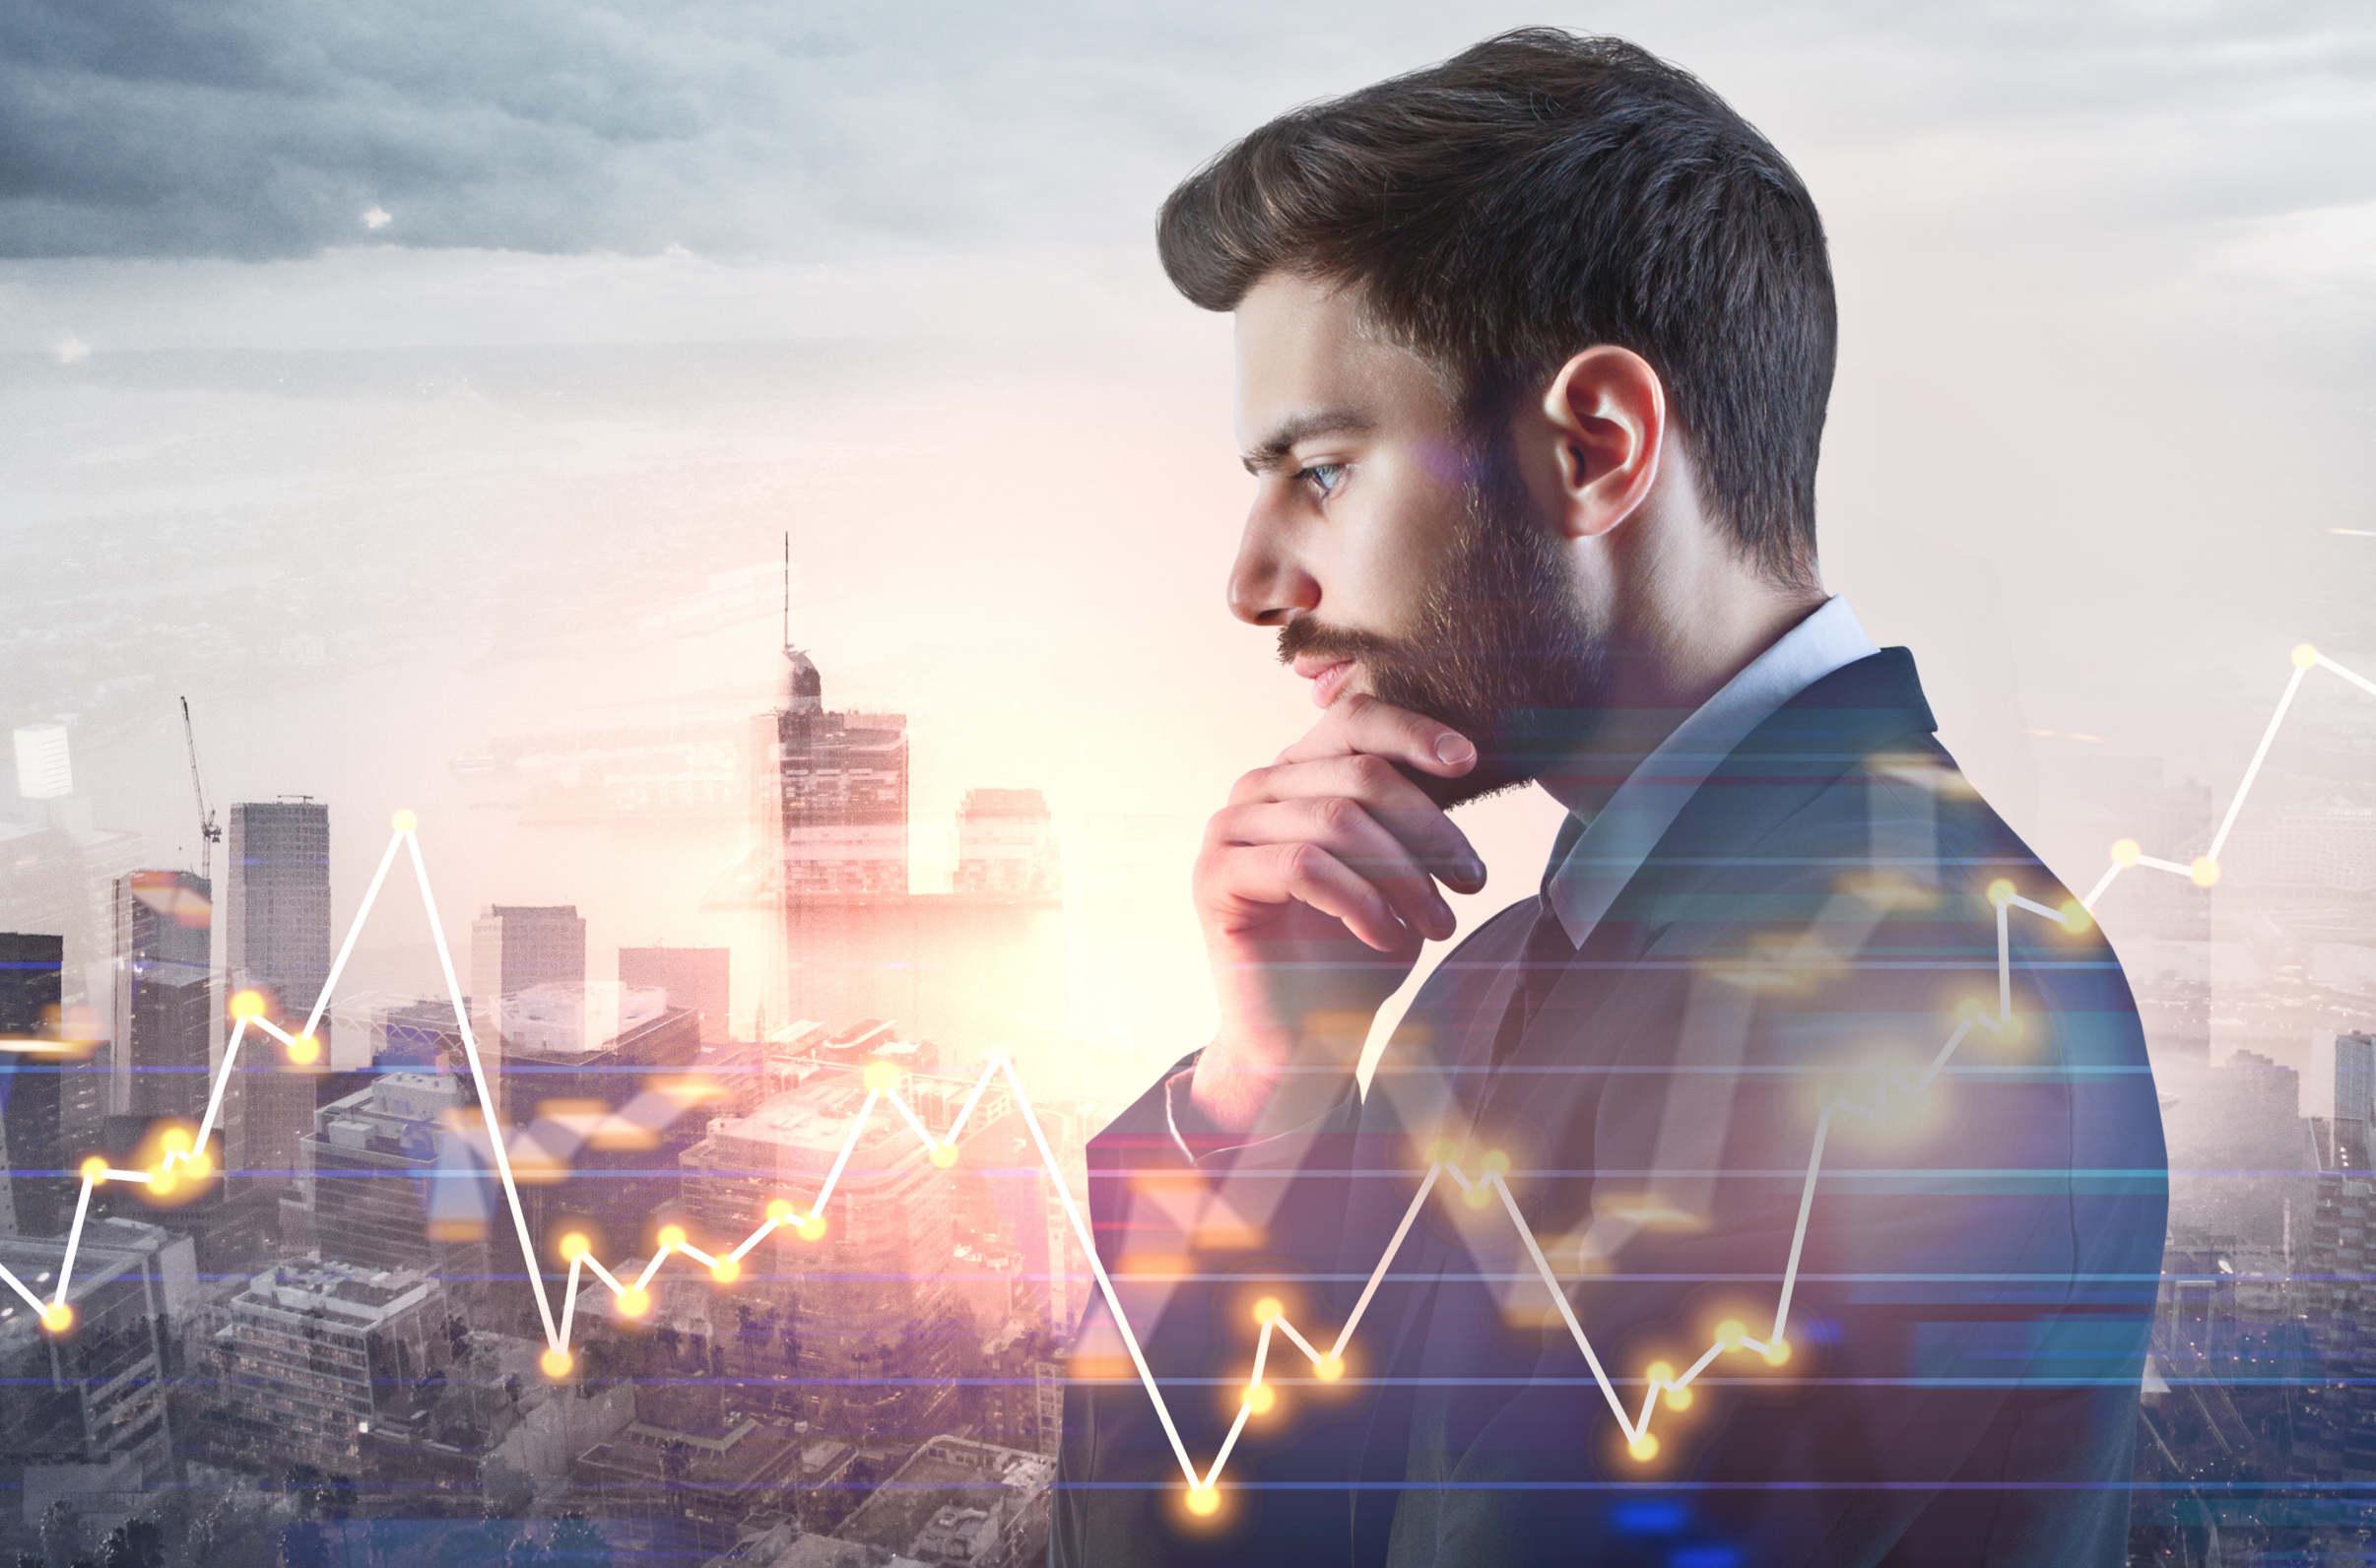 Você conhece a operação no mercado futuro? Leia mais neste artigo!